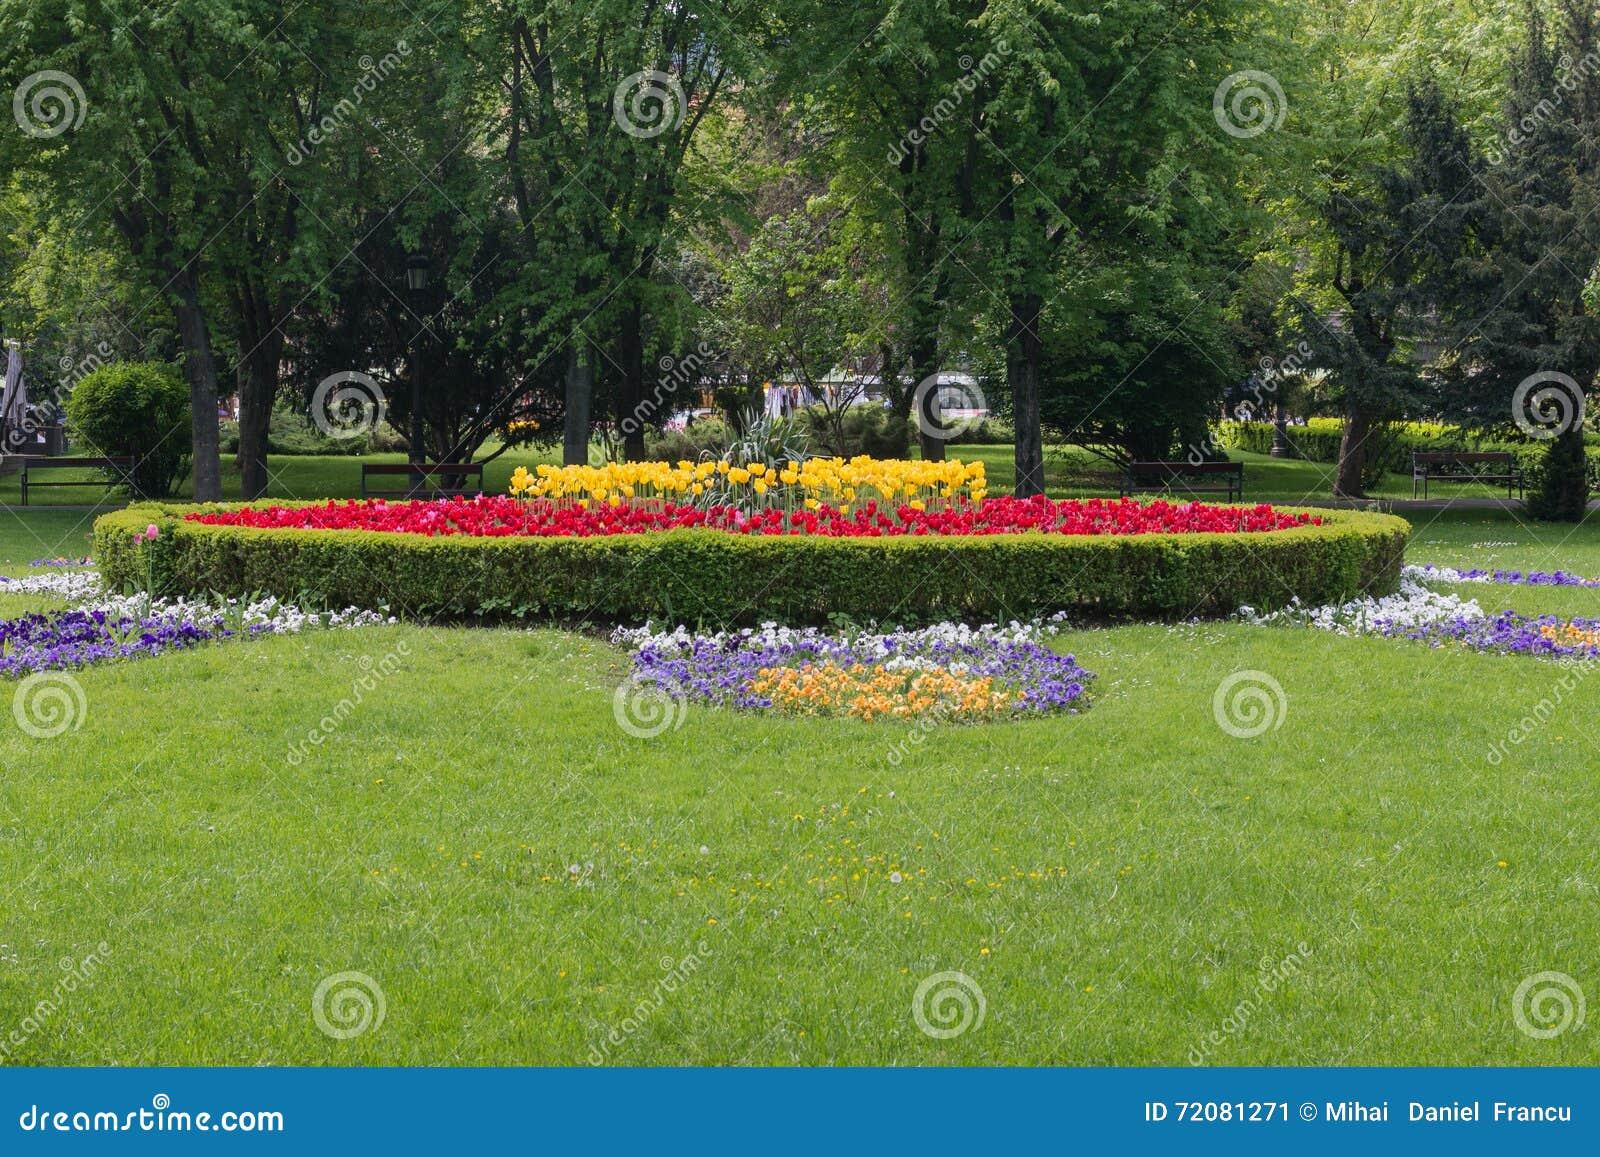 blumen bett in einem formalen garten stockbild bild von gelb gras 72081271. Black Bedroom Furniture Sets. Home Design Ideas